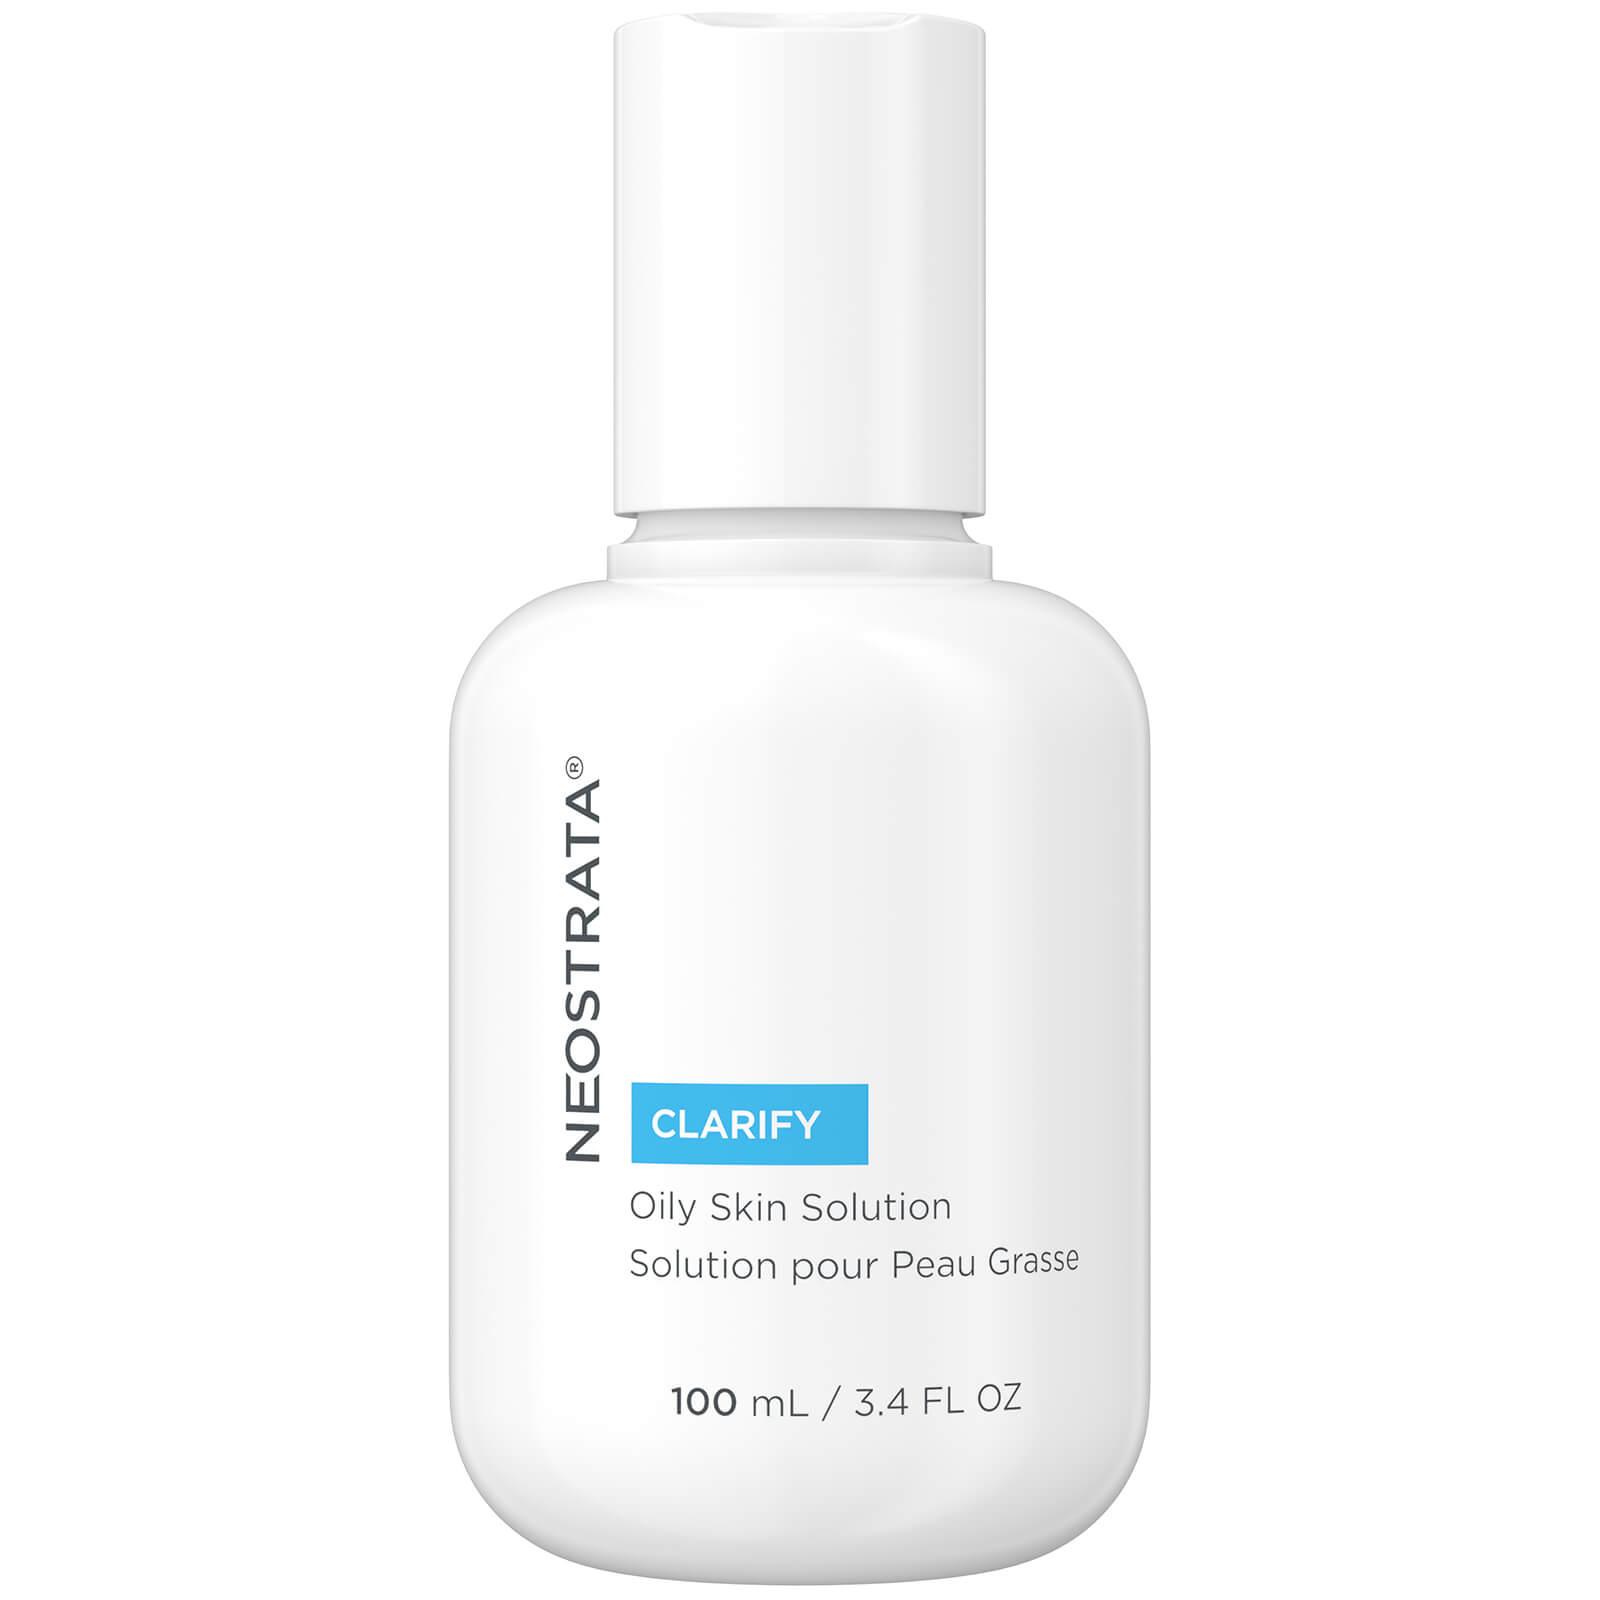 NeoStrata Oily skin soloution 100ml